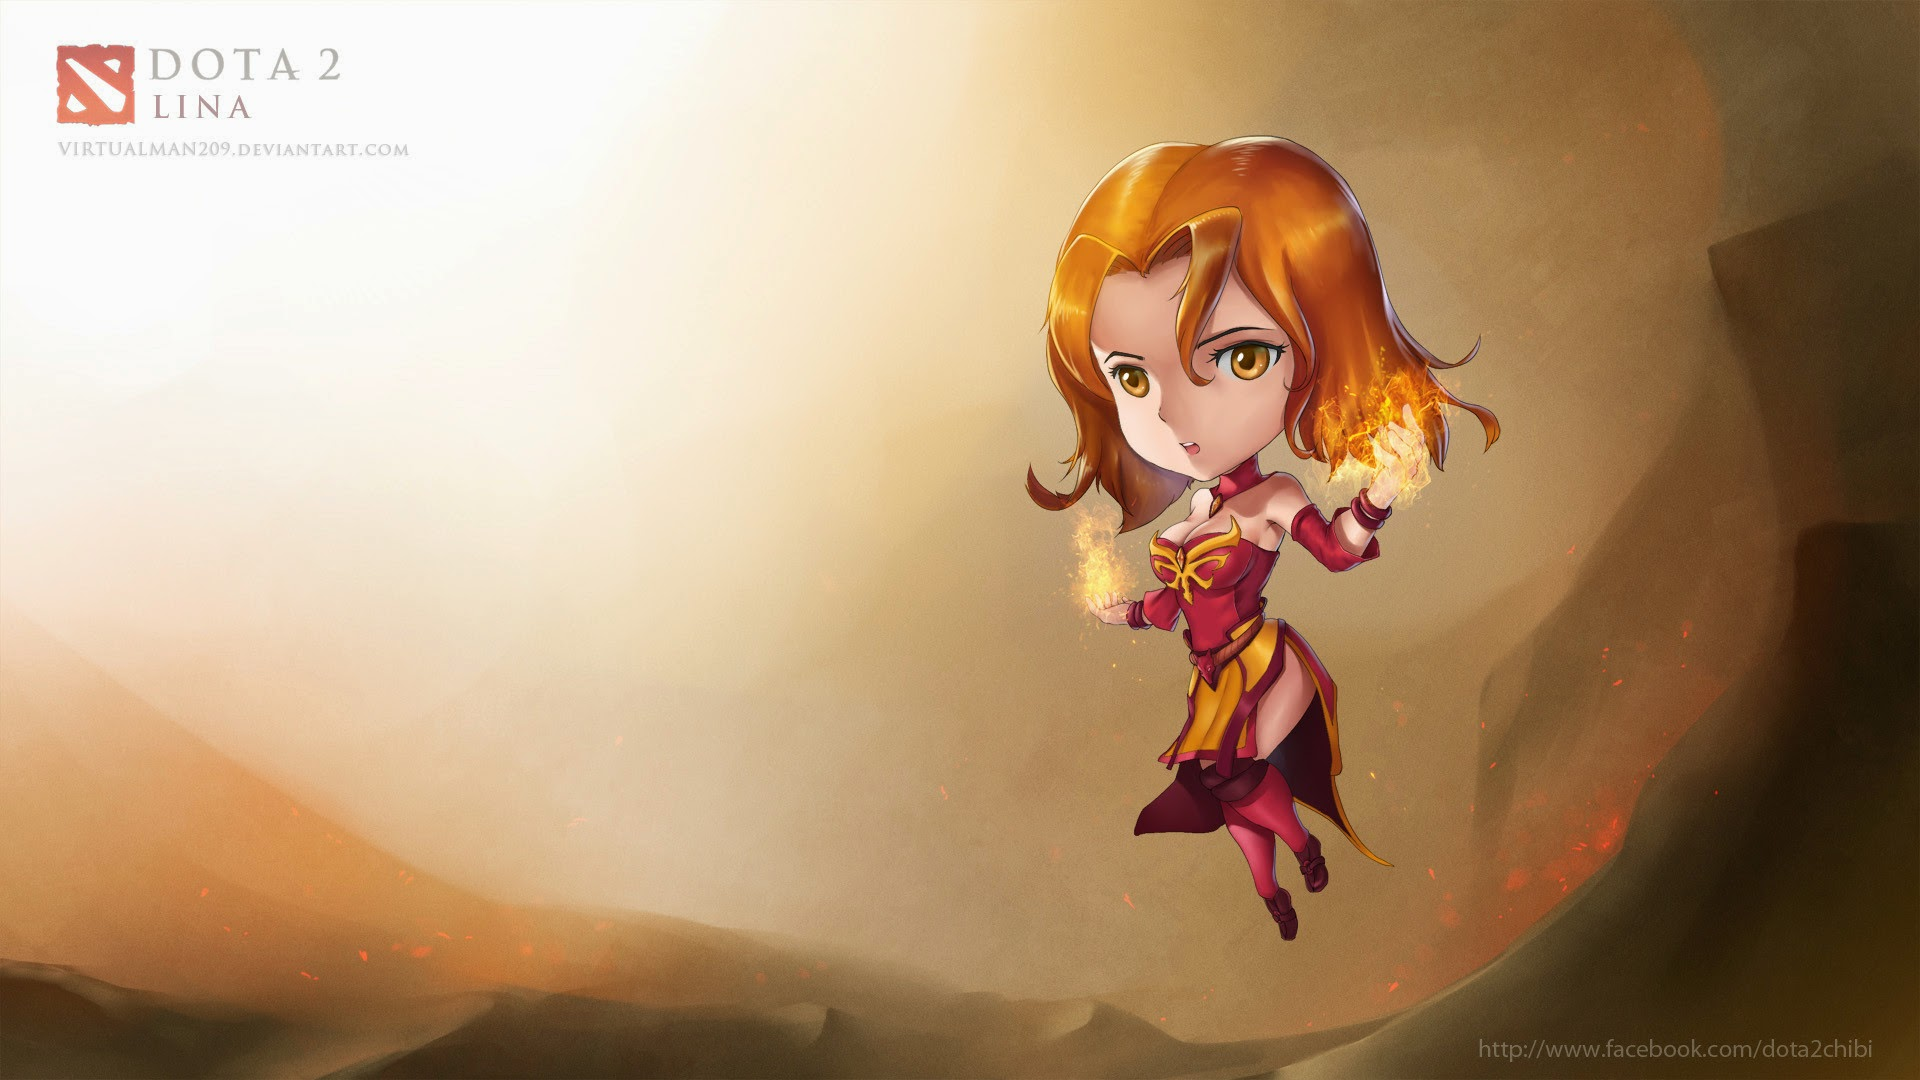 Pháp sư lửa Lina dễ thương với ảnh chibi - Ảnh 1